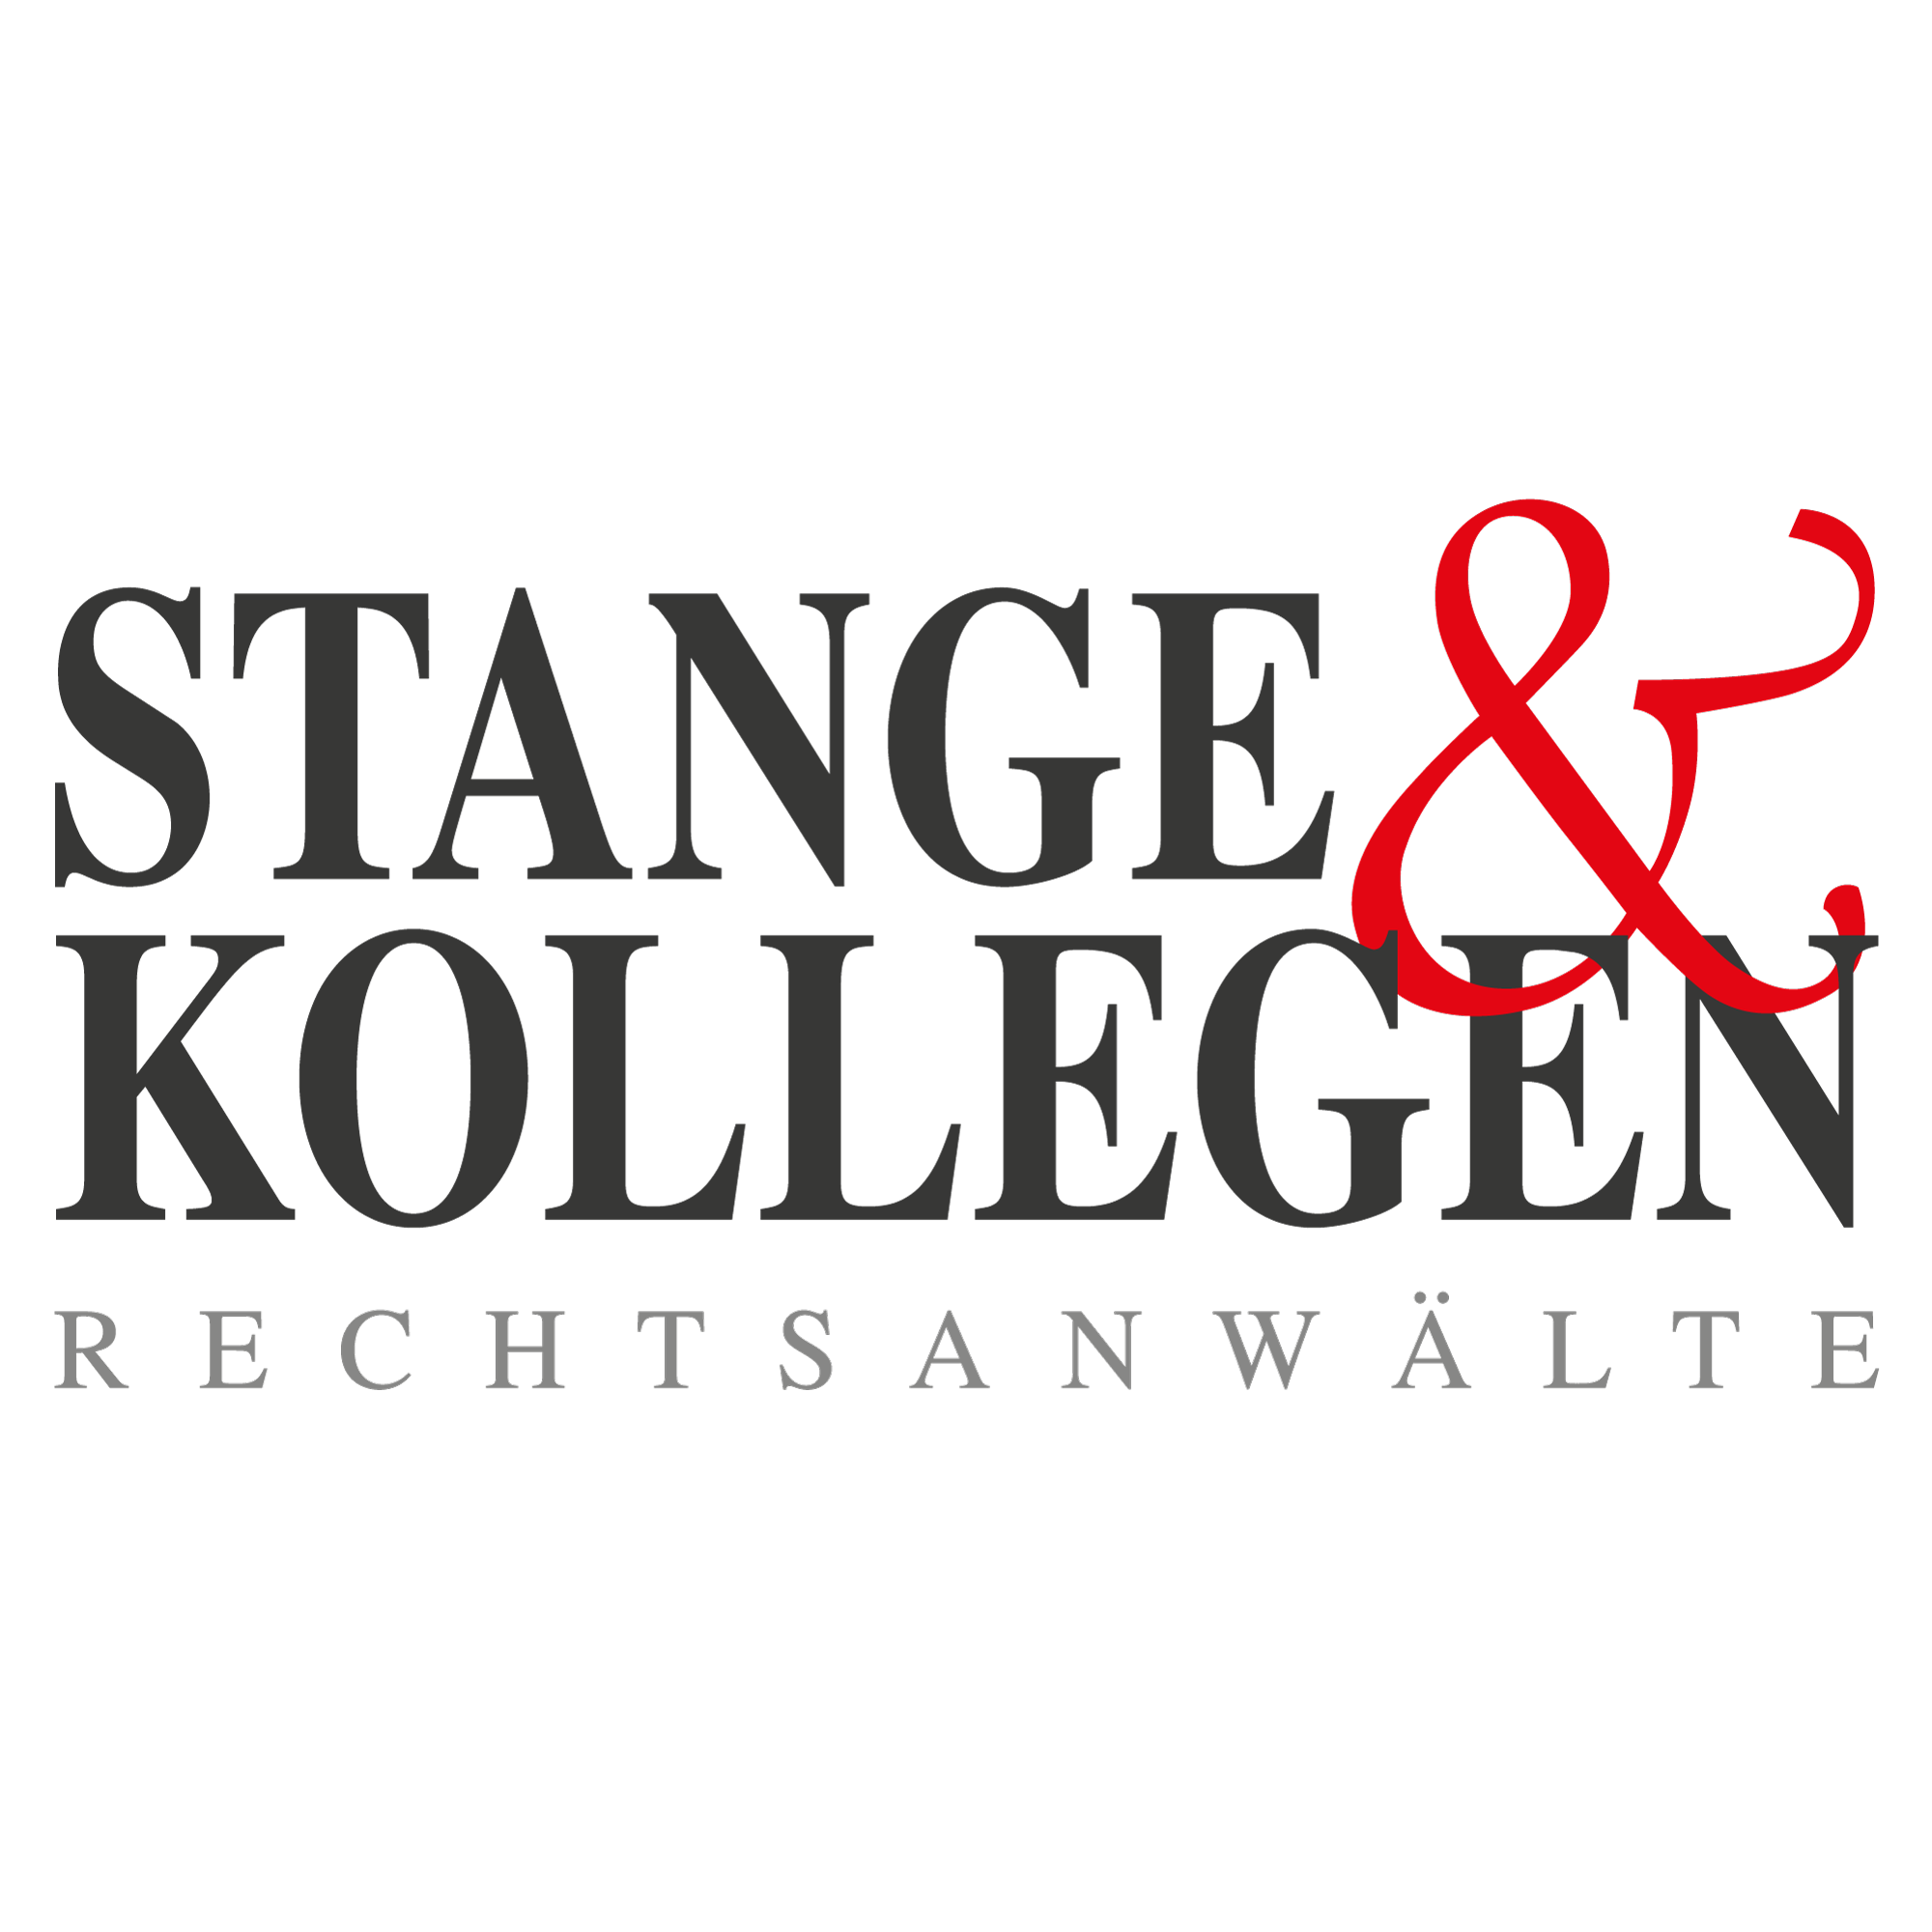 Stange & Kollegen Rechtsanwälte – Ihre Rechtsanwälte für alle Fälle